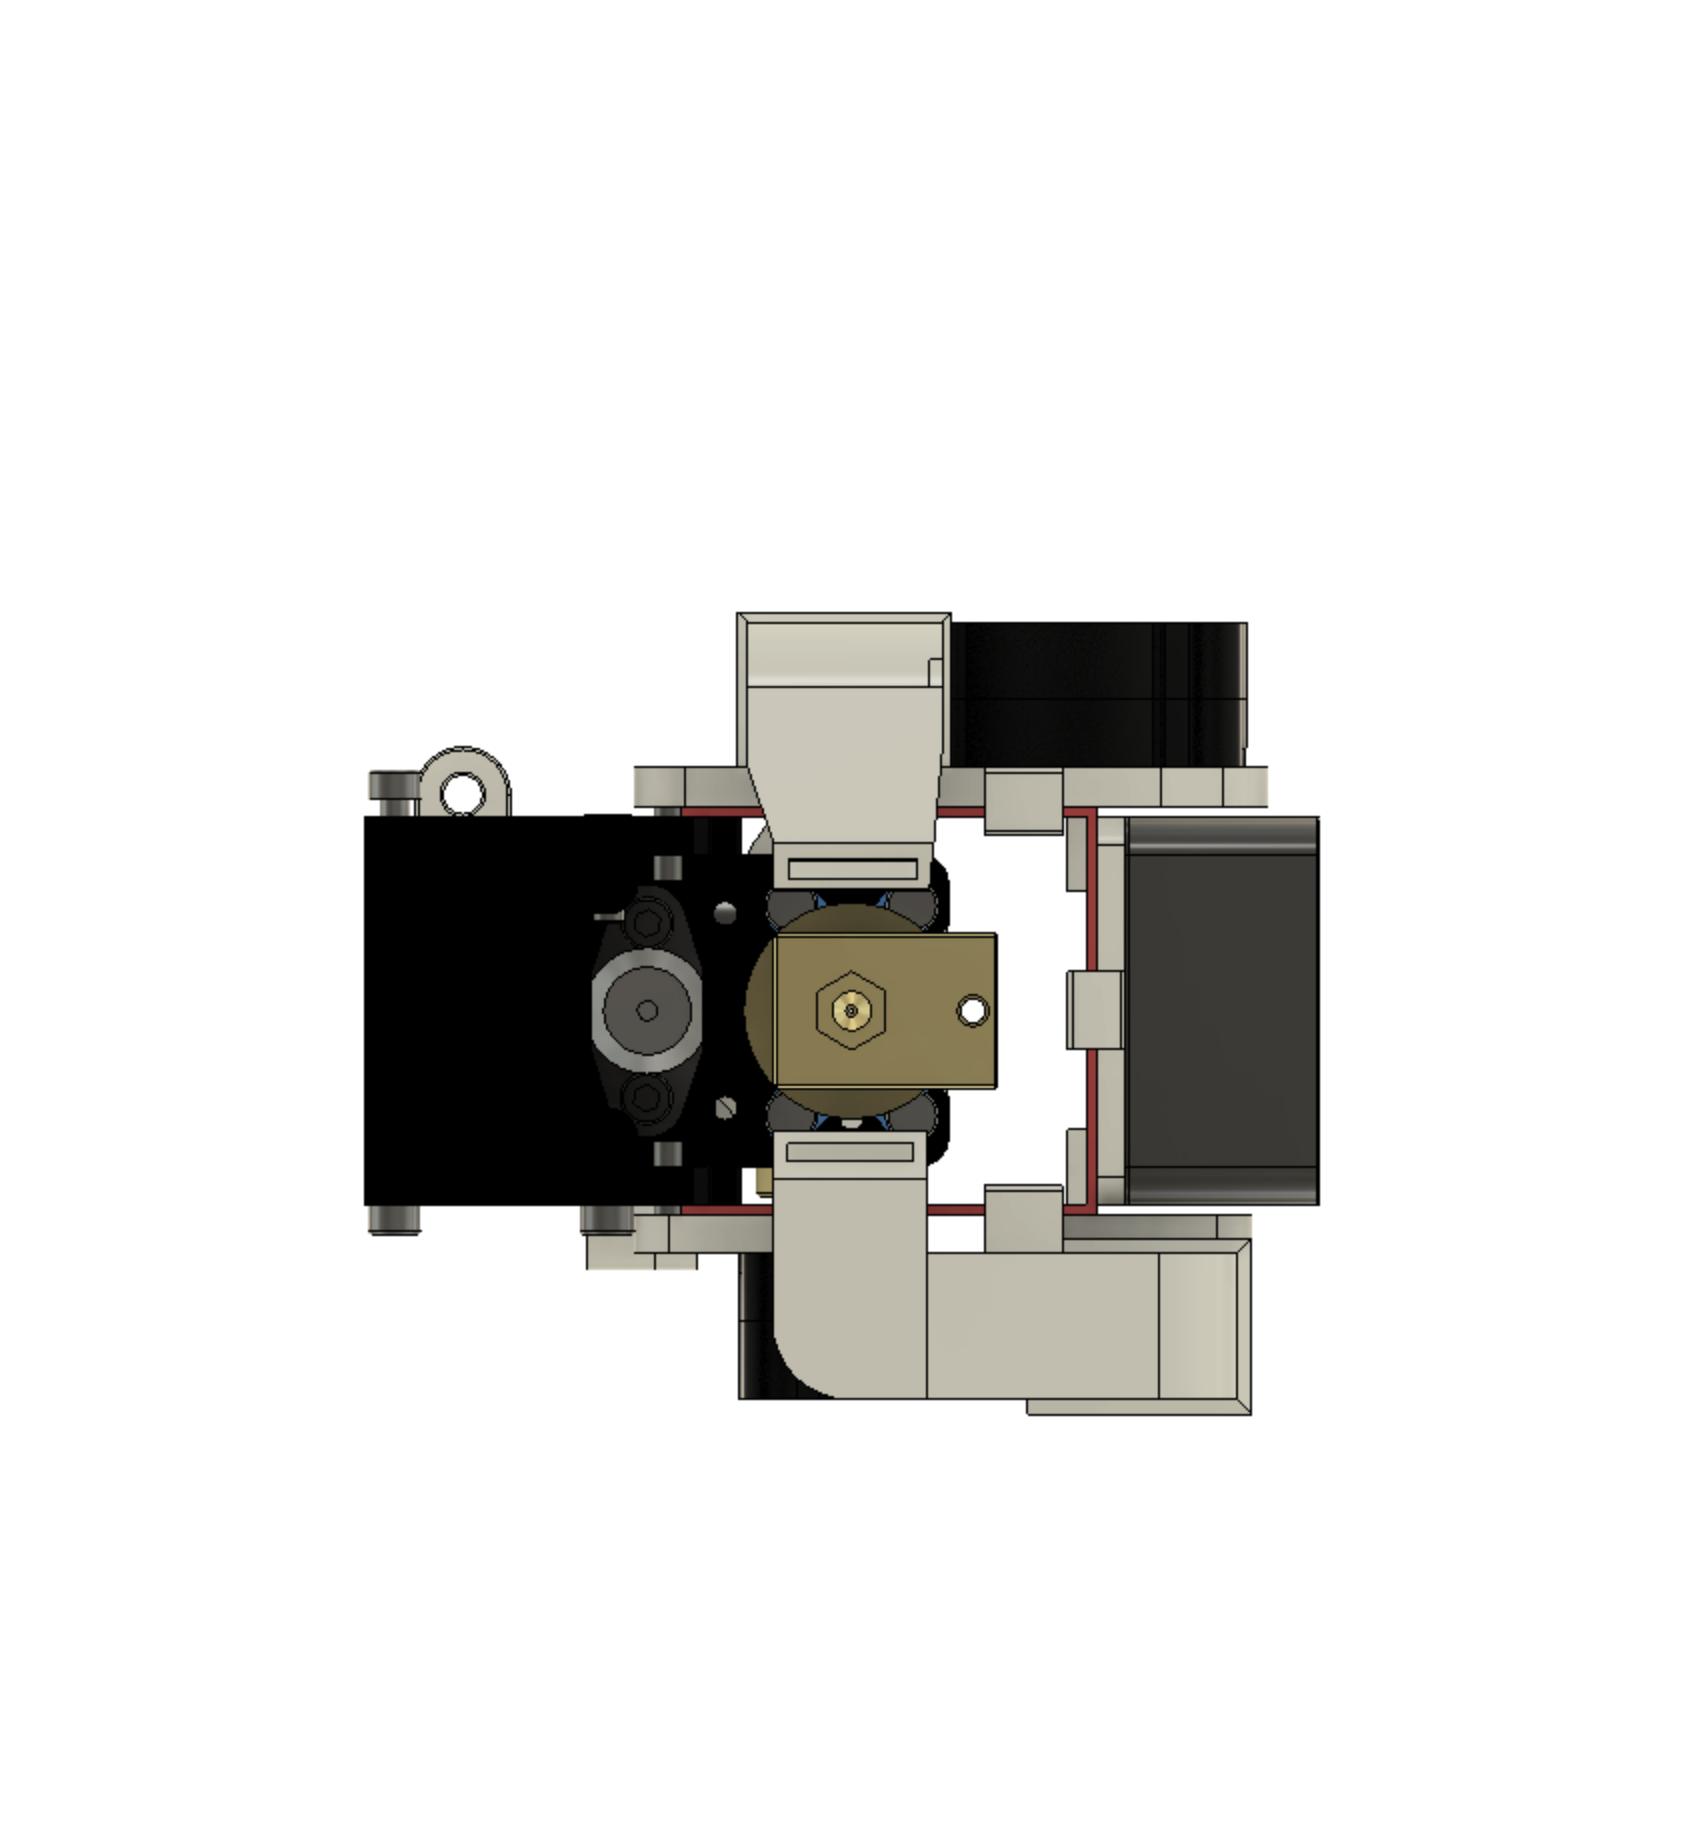 BottomView.png Télécharger fichier STL Formbot Troodon Direct Drive Extruder (DDE) Part 2/2 Troodon Accessories Kit • Objet à imprimer en 3D, ja11en